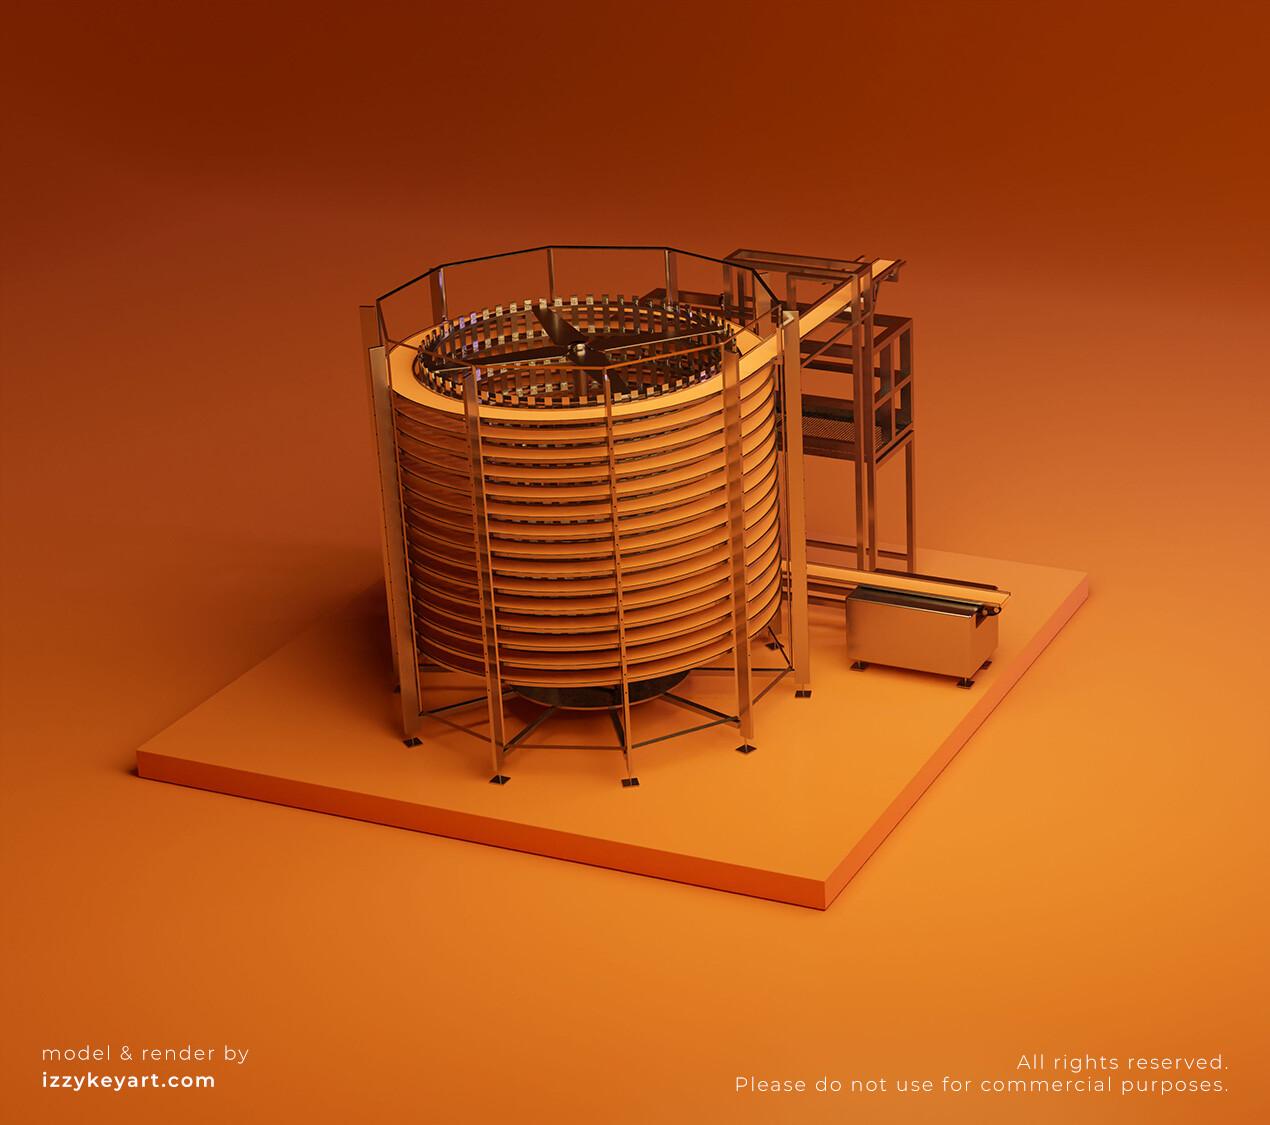 Conveyor Model